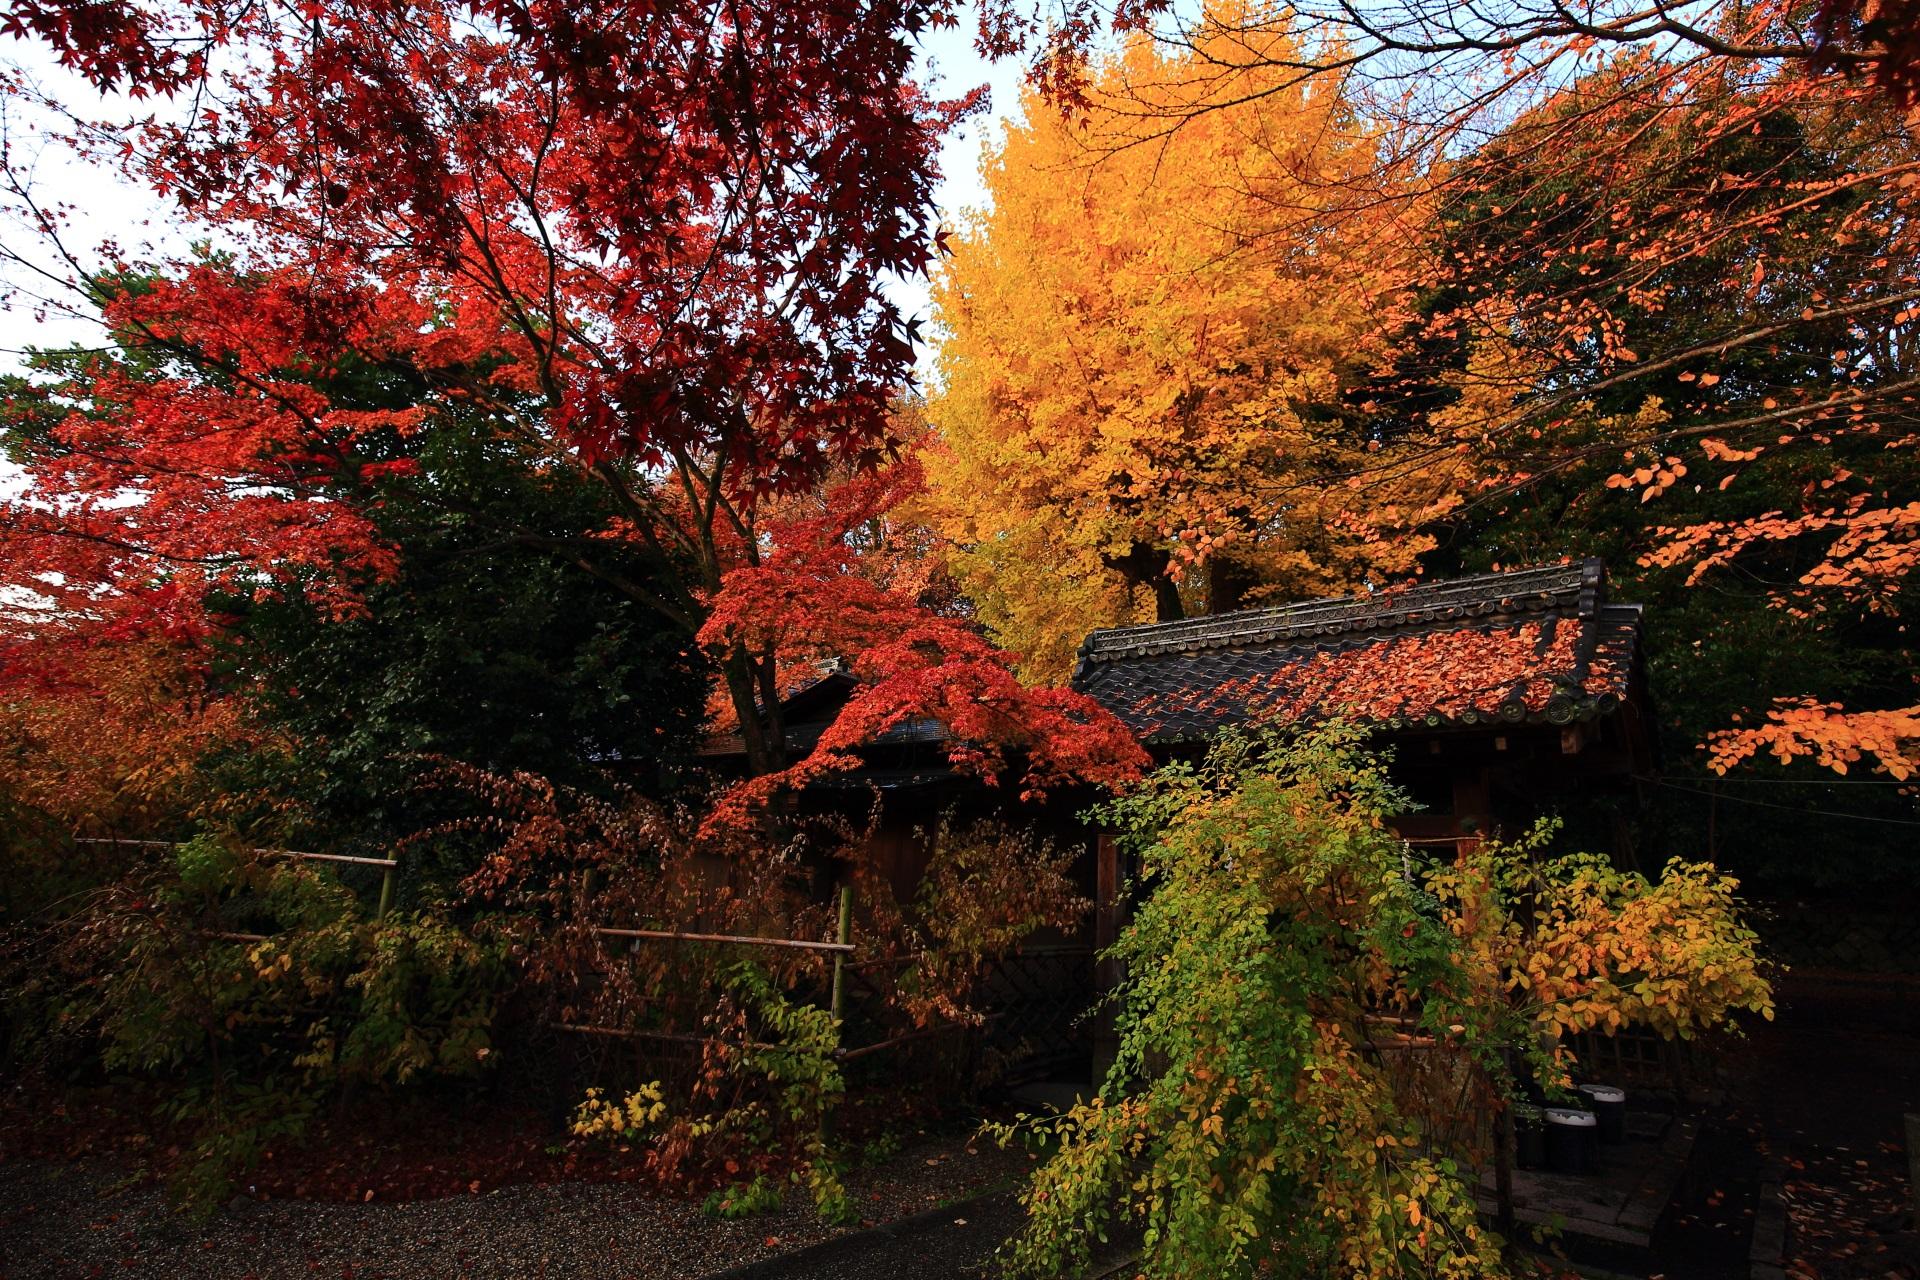 染井の水を染める黄色く輝く銀杏と多彩な紅葉